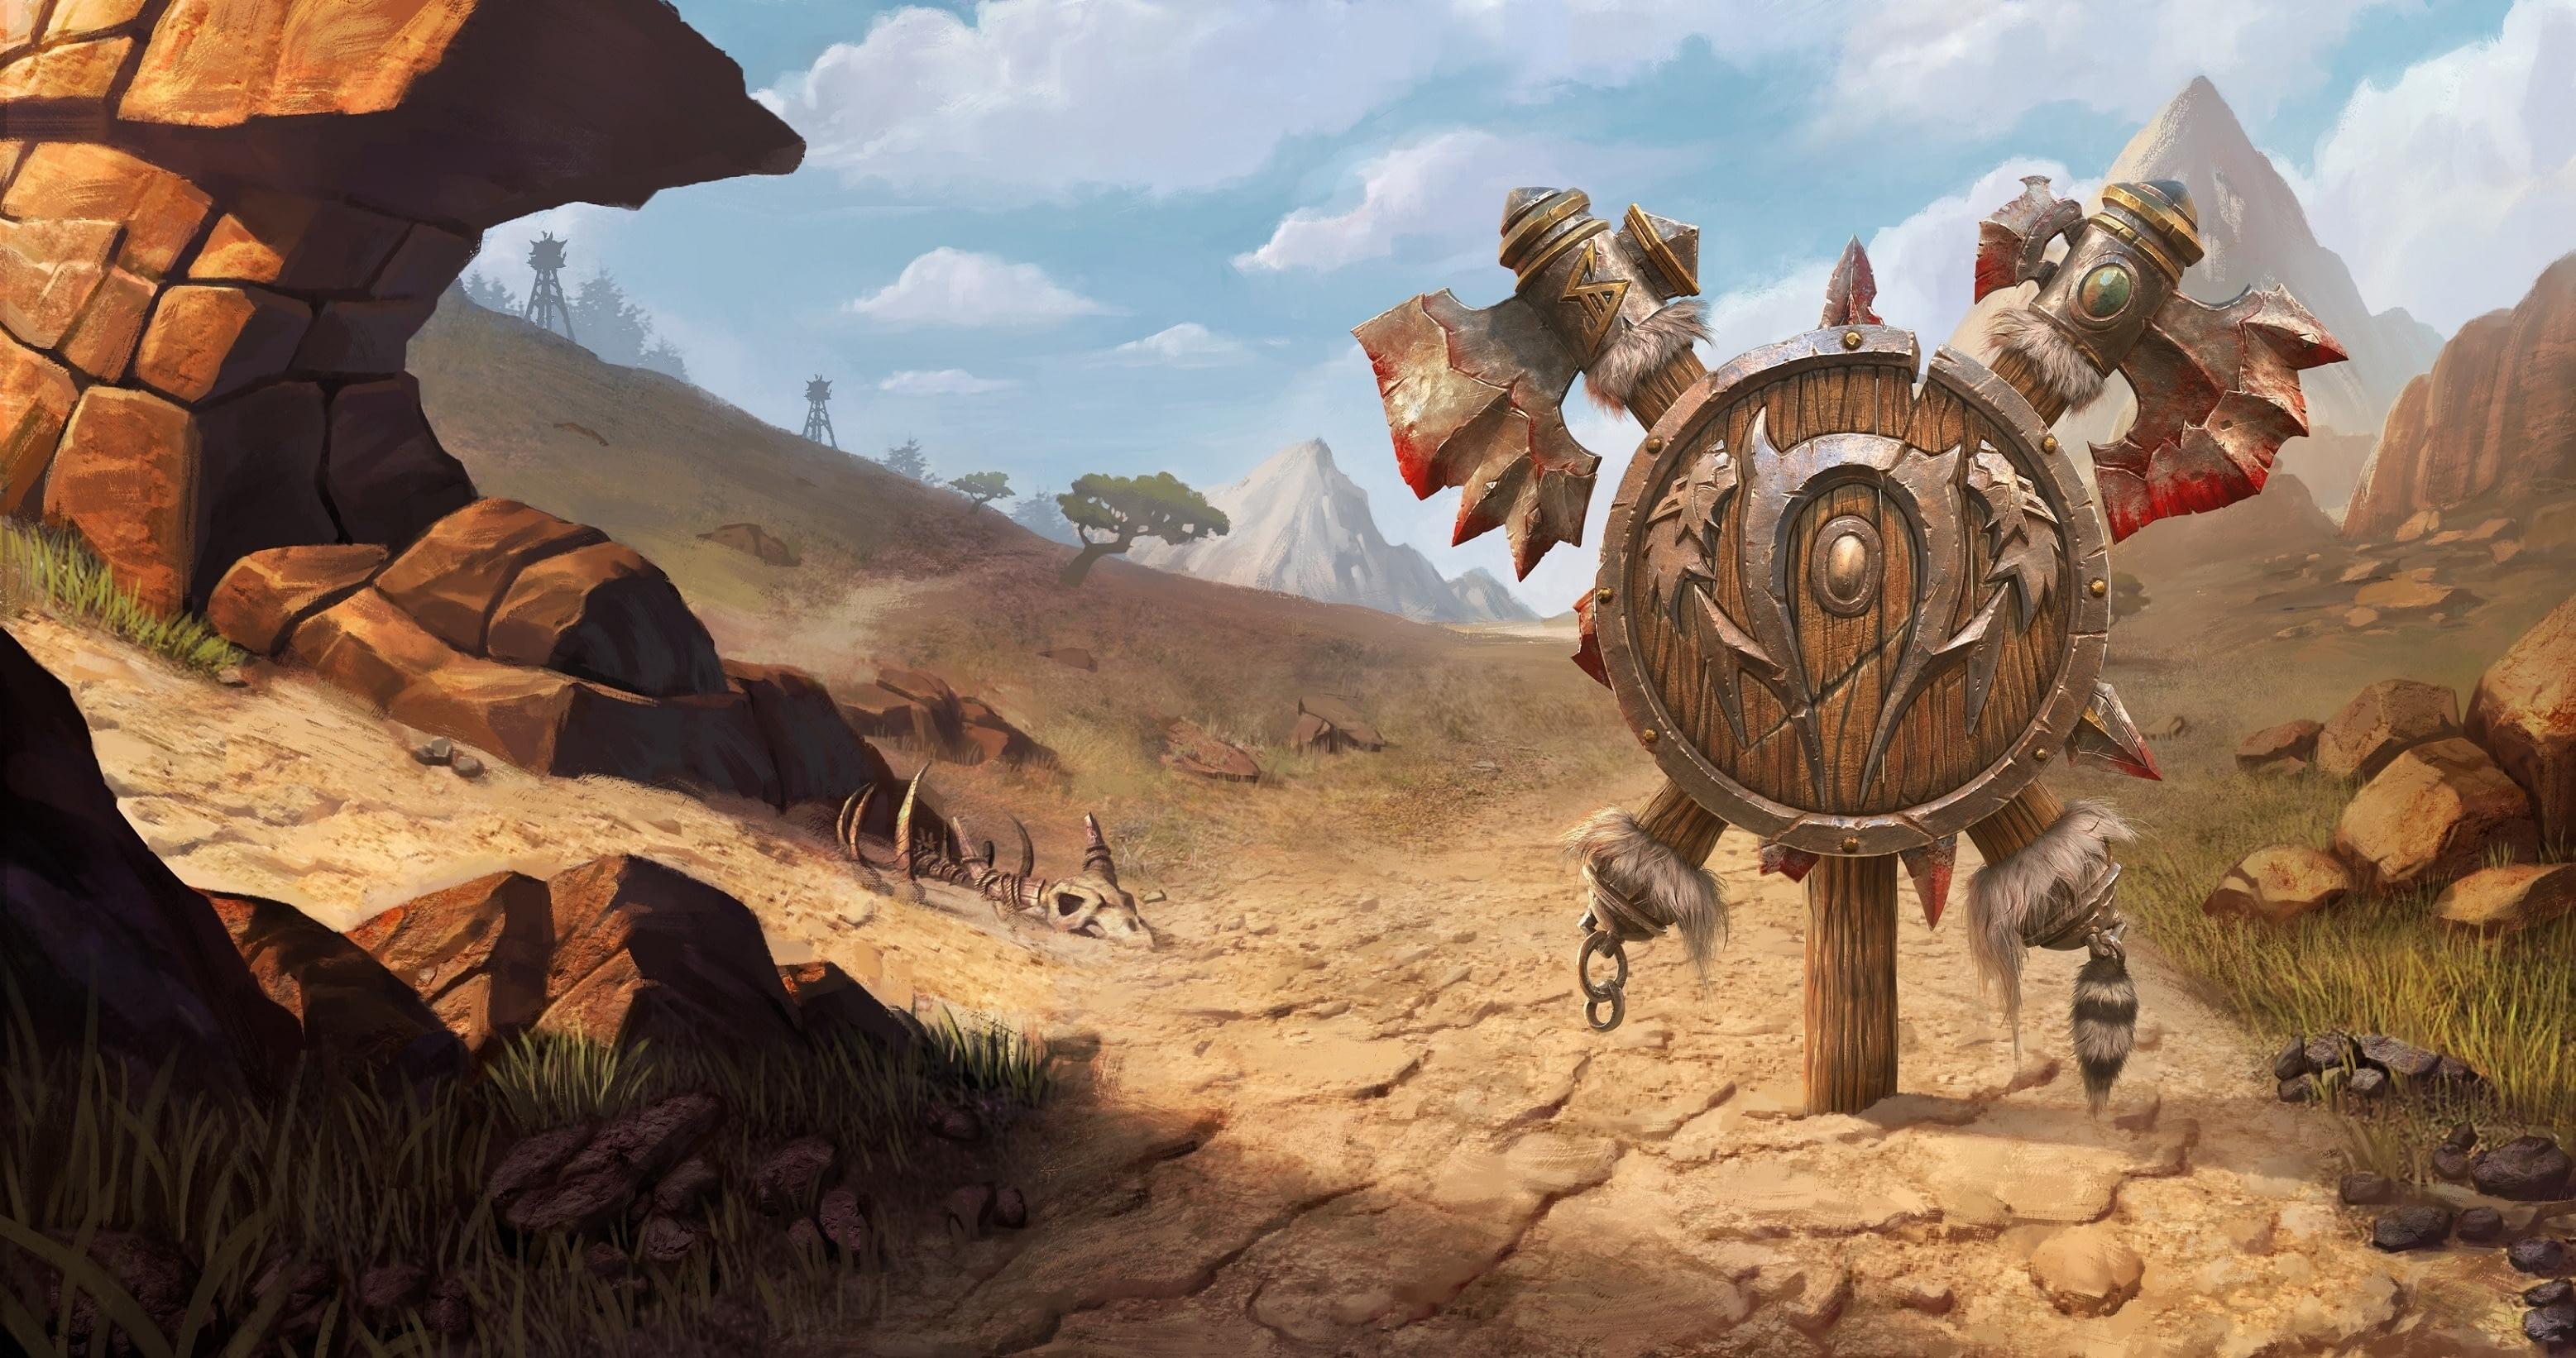 Утечка: обои, меню, интерфейс и иконки Warcraft III: Reforged 14